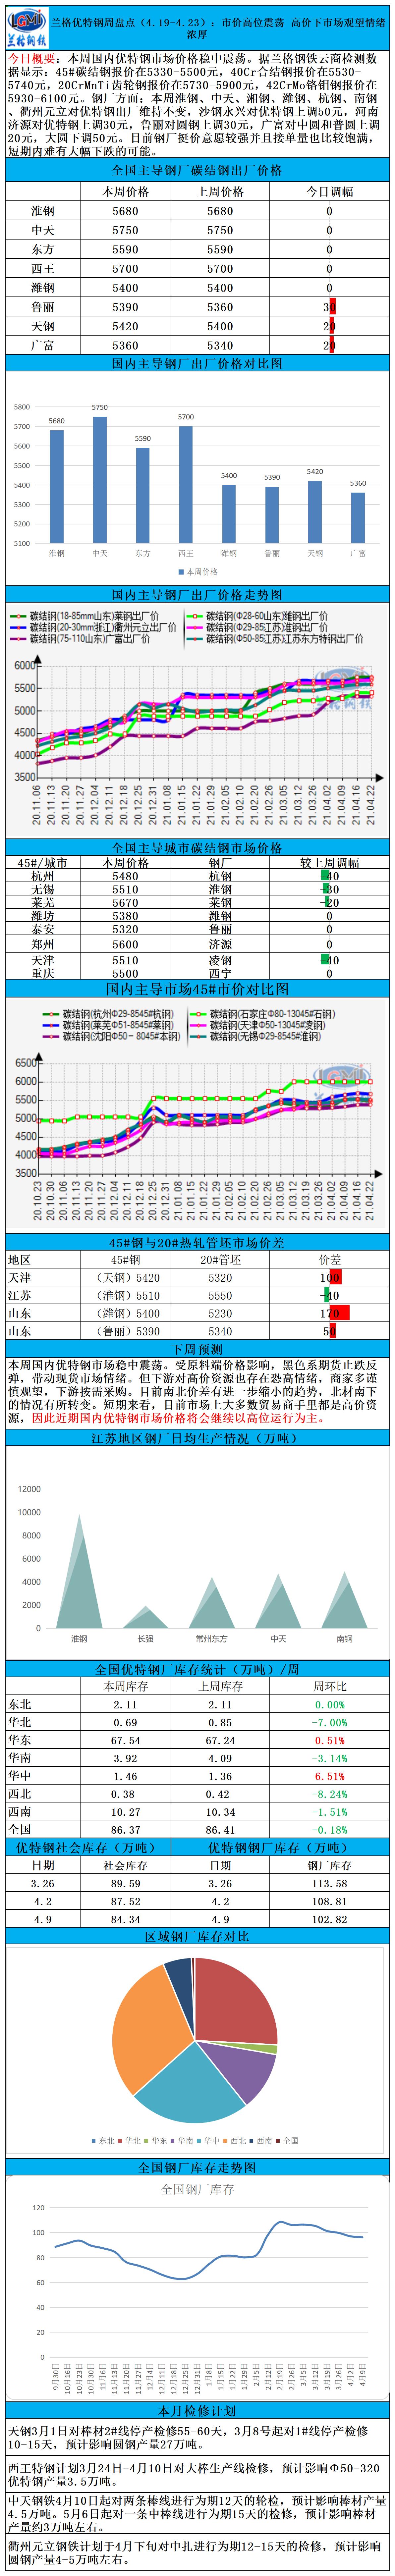 兰格优特钢周盘点(4.19-4.23):市价高位震荡 高价下市场观望情绪浓厚